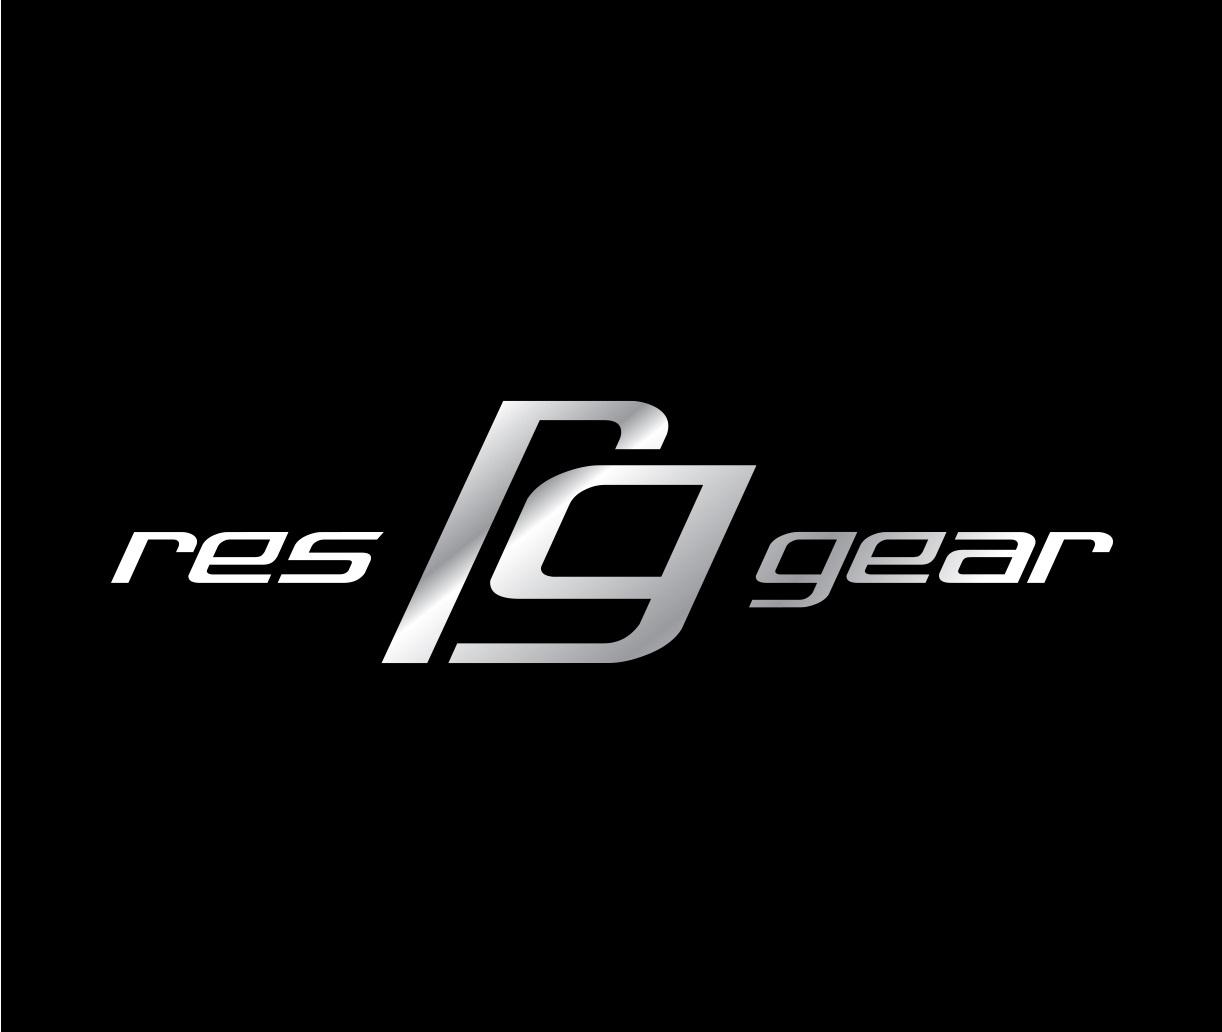 Res Gear